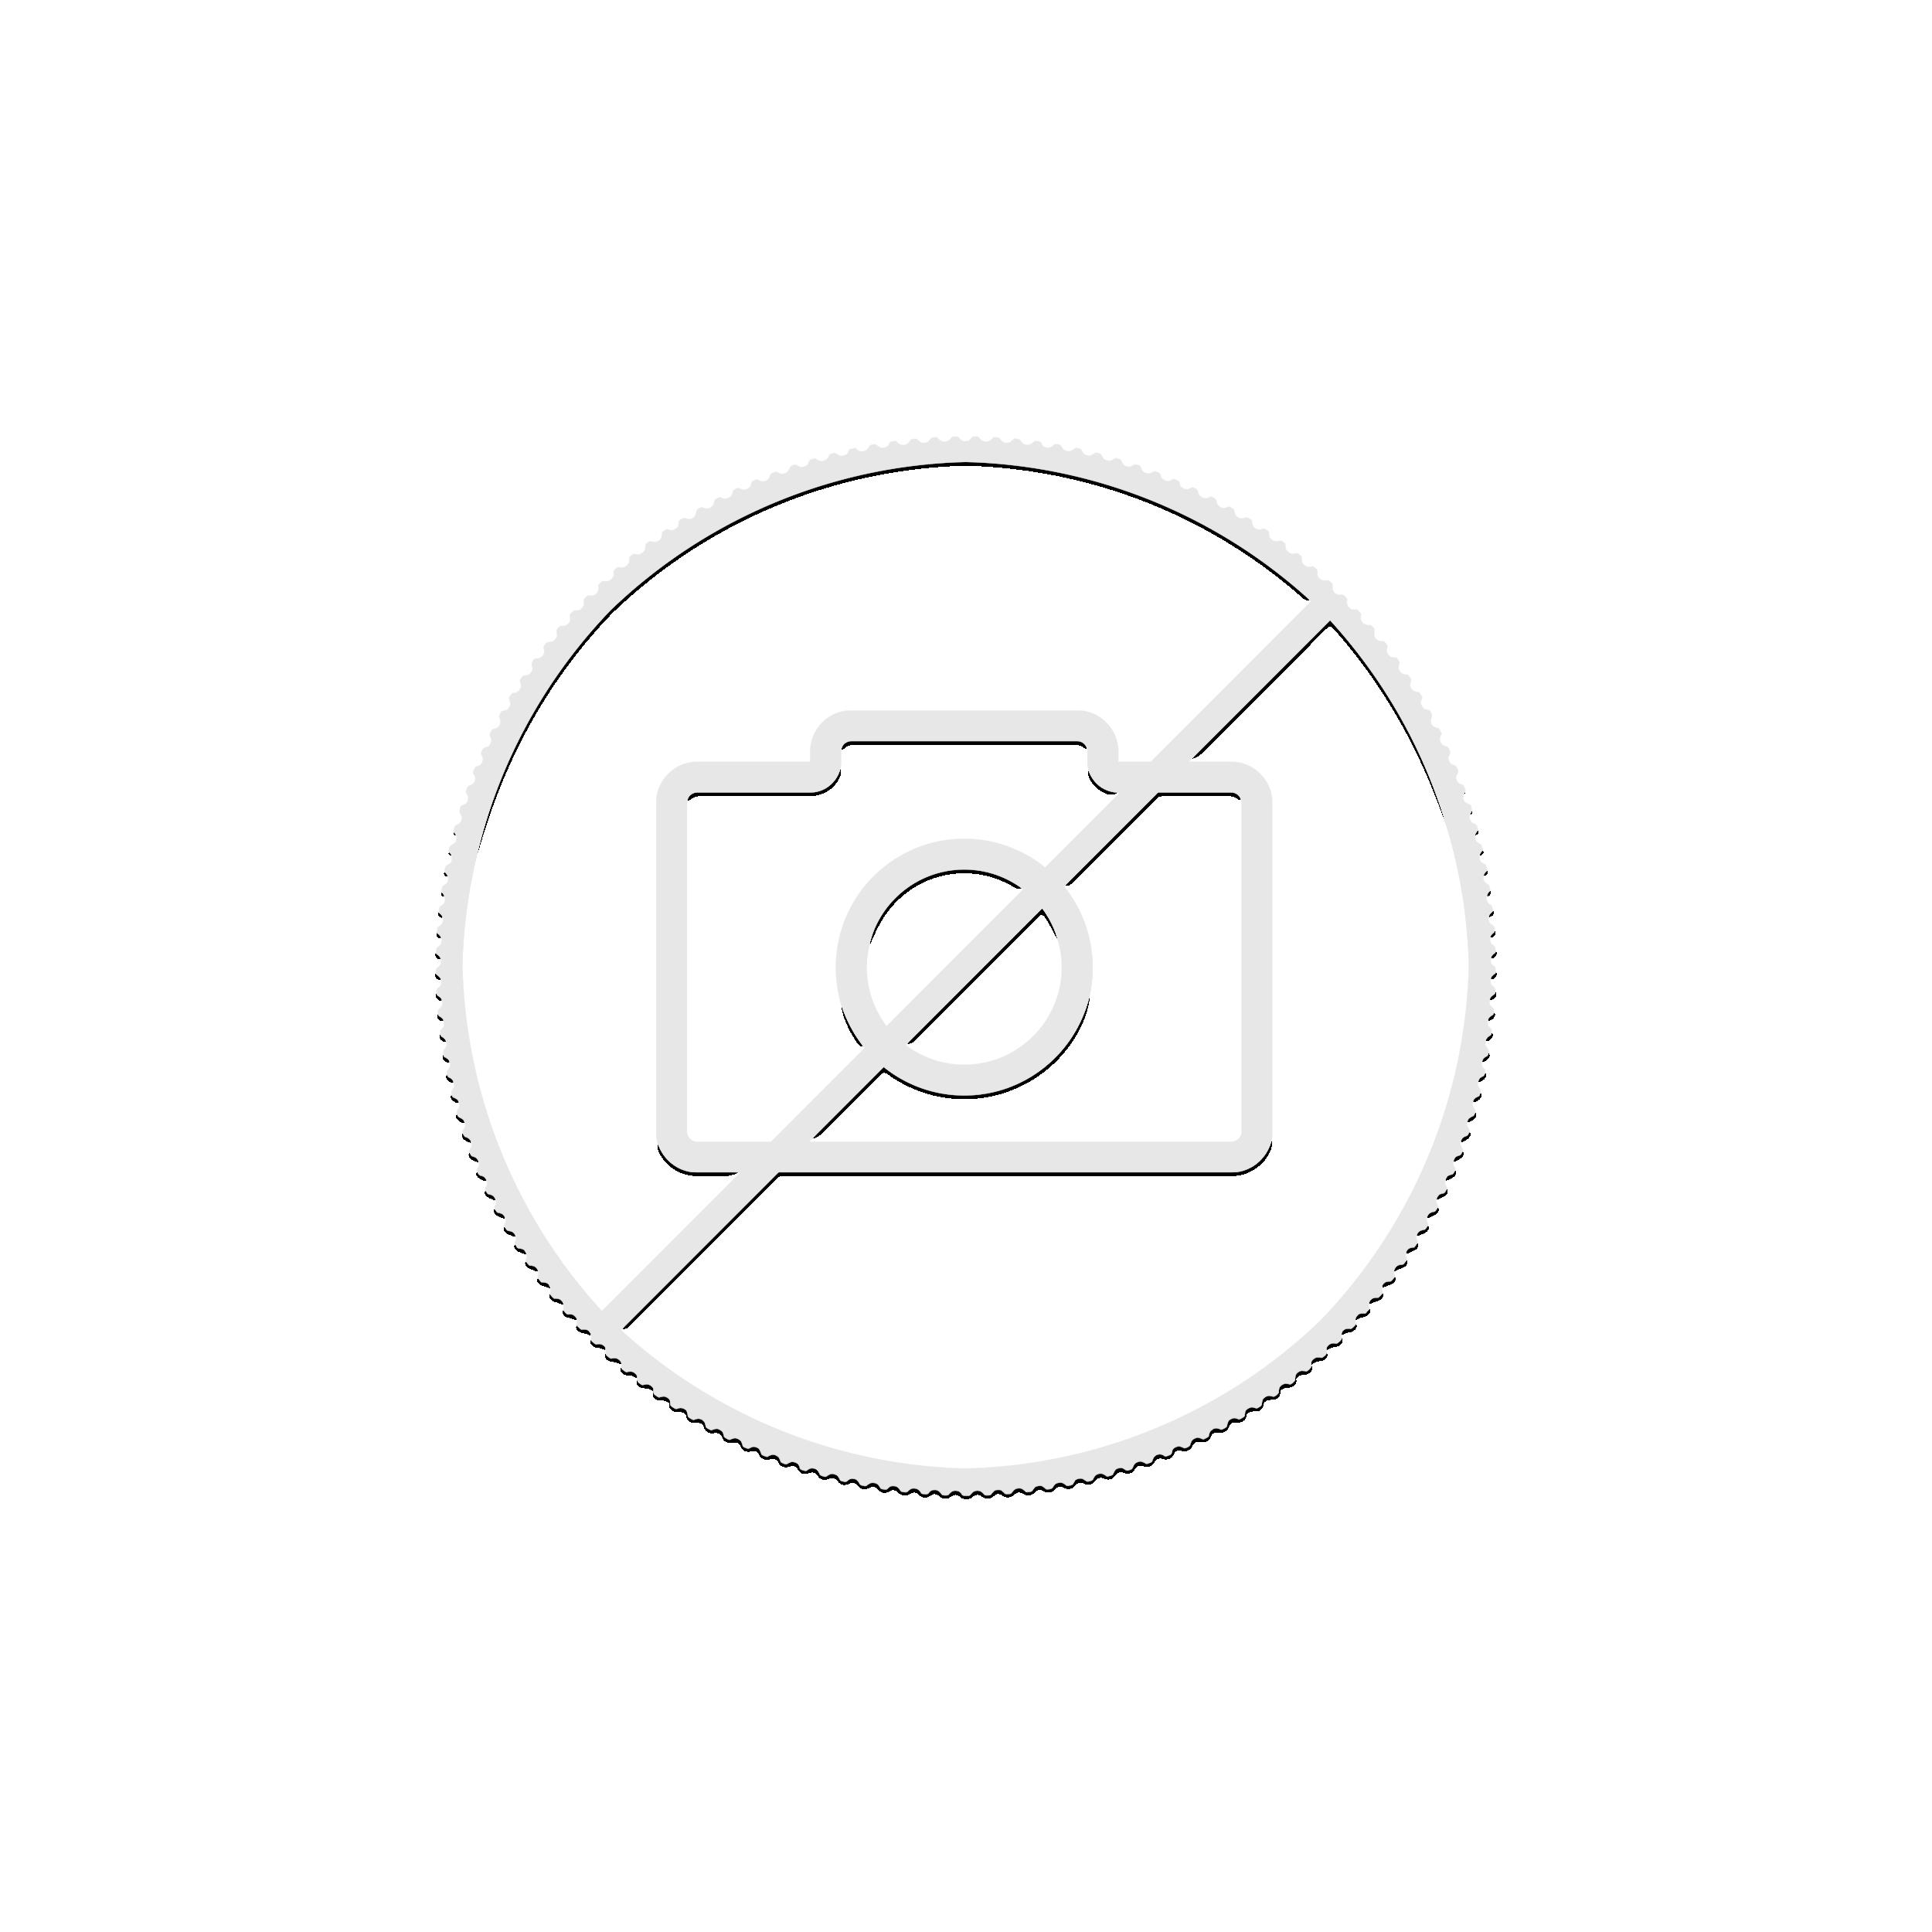 10 Stuks zilveren munt 5 Florin Aruba voorzijde